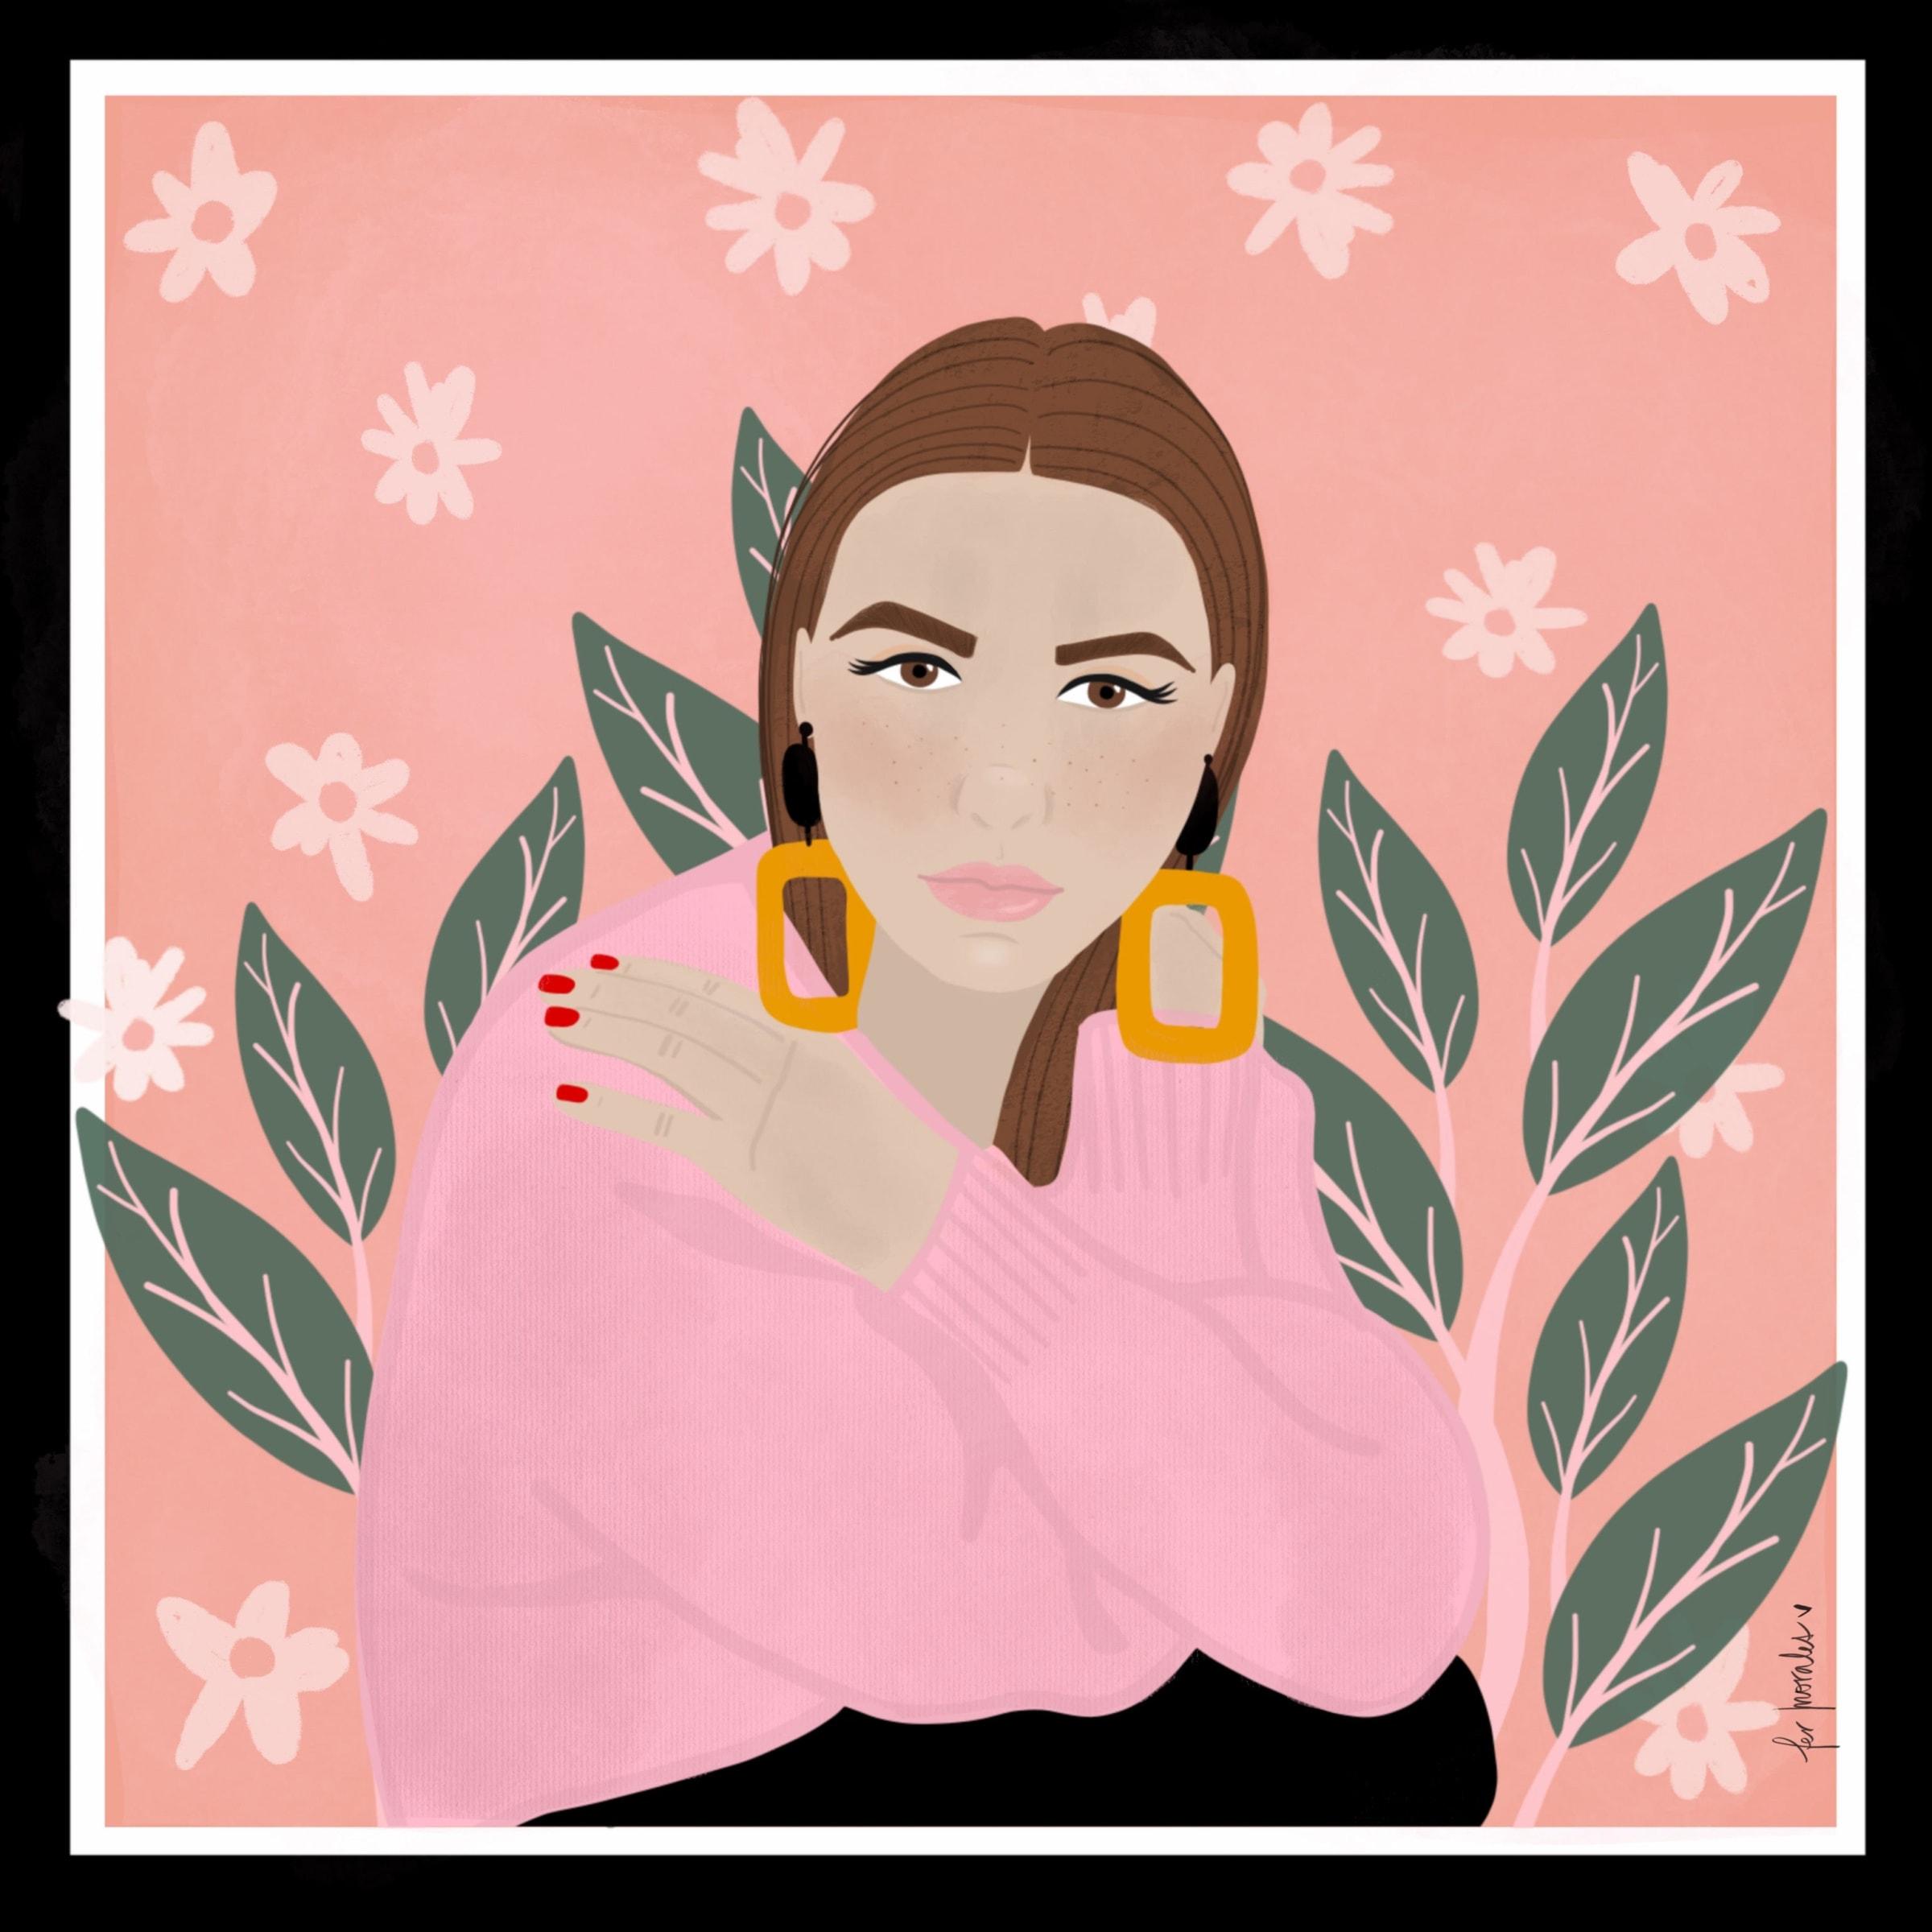 Pañuelo ilustración  Fer Morales  N*4